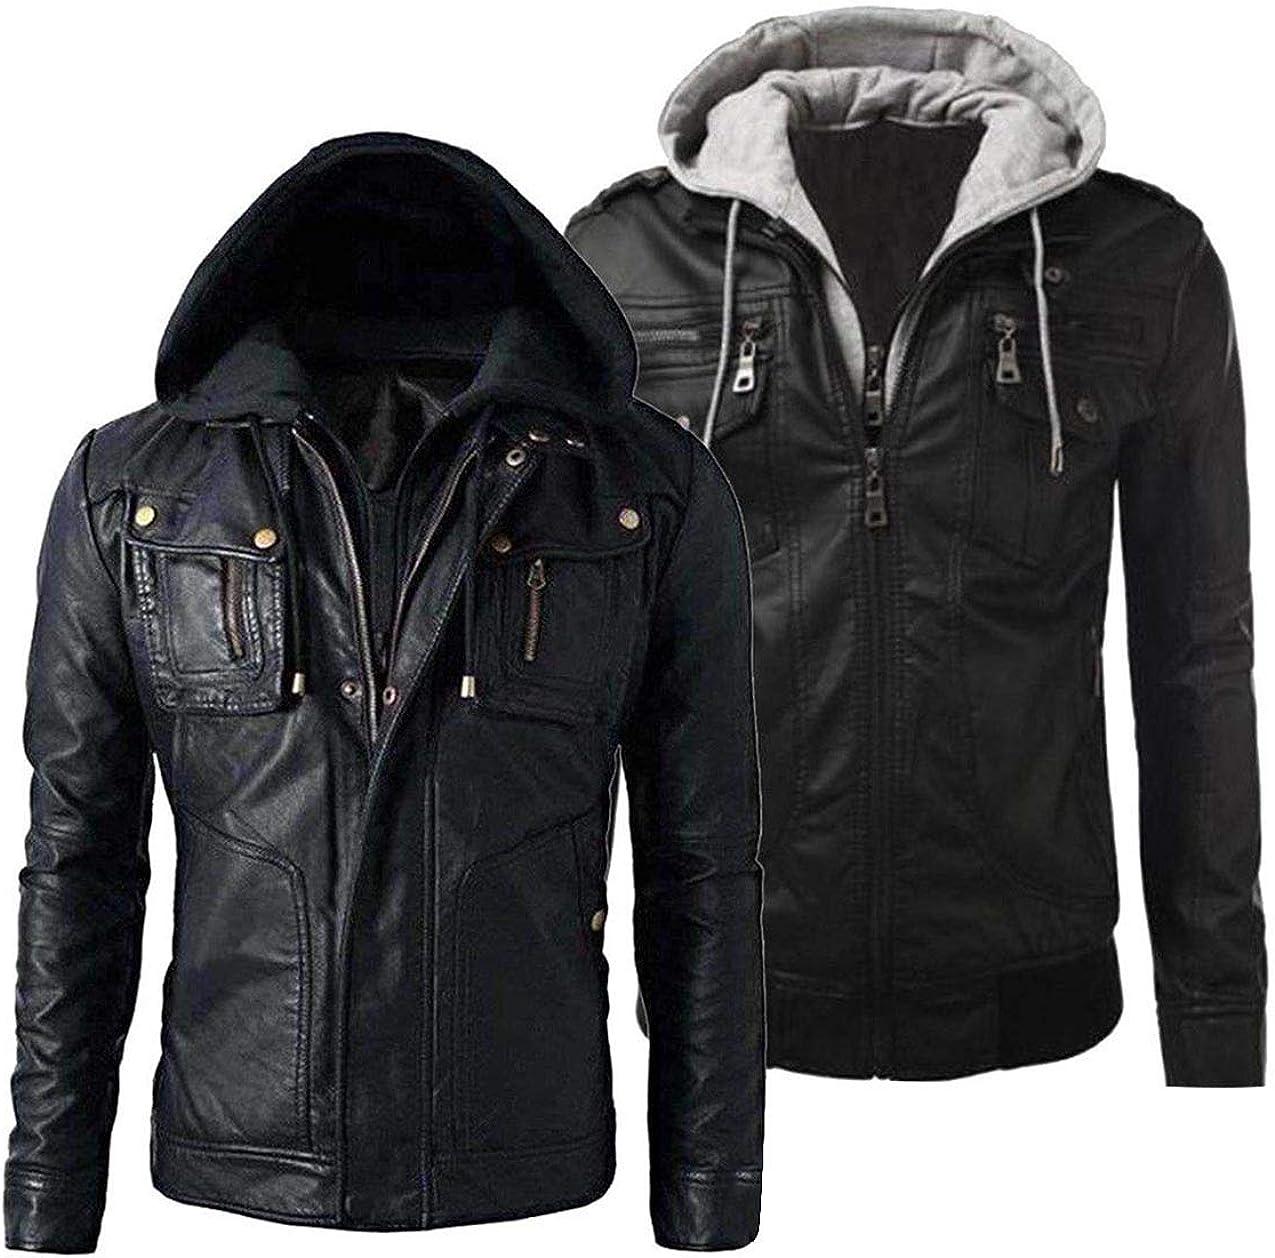 Mens New Slim Fit Vintage Biker Jacket Black Retro Real Leather Jacket